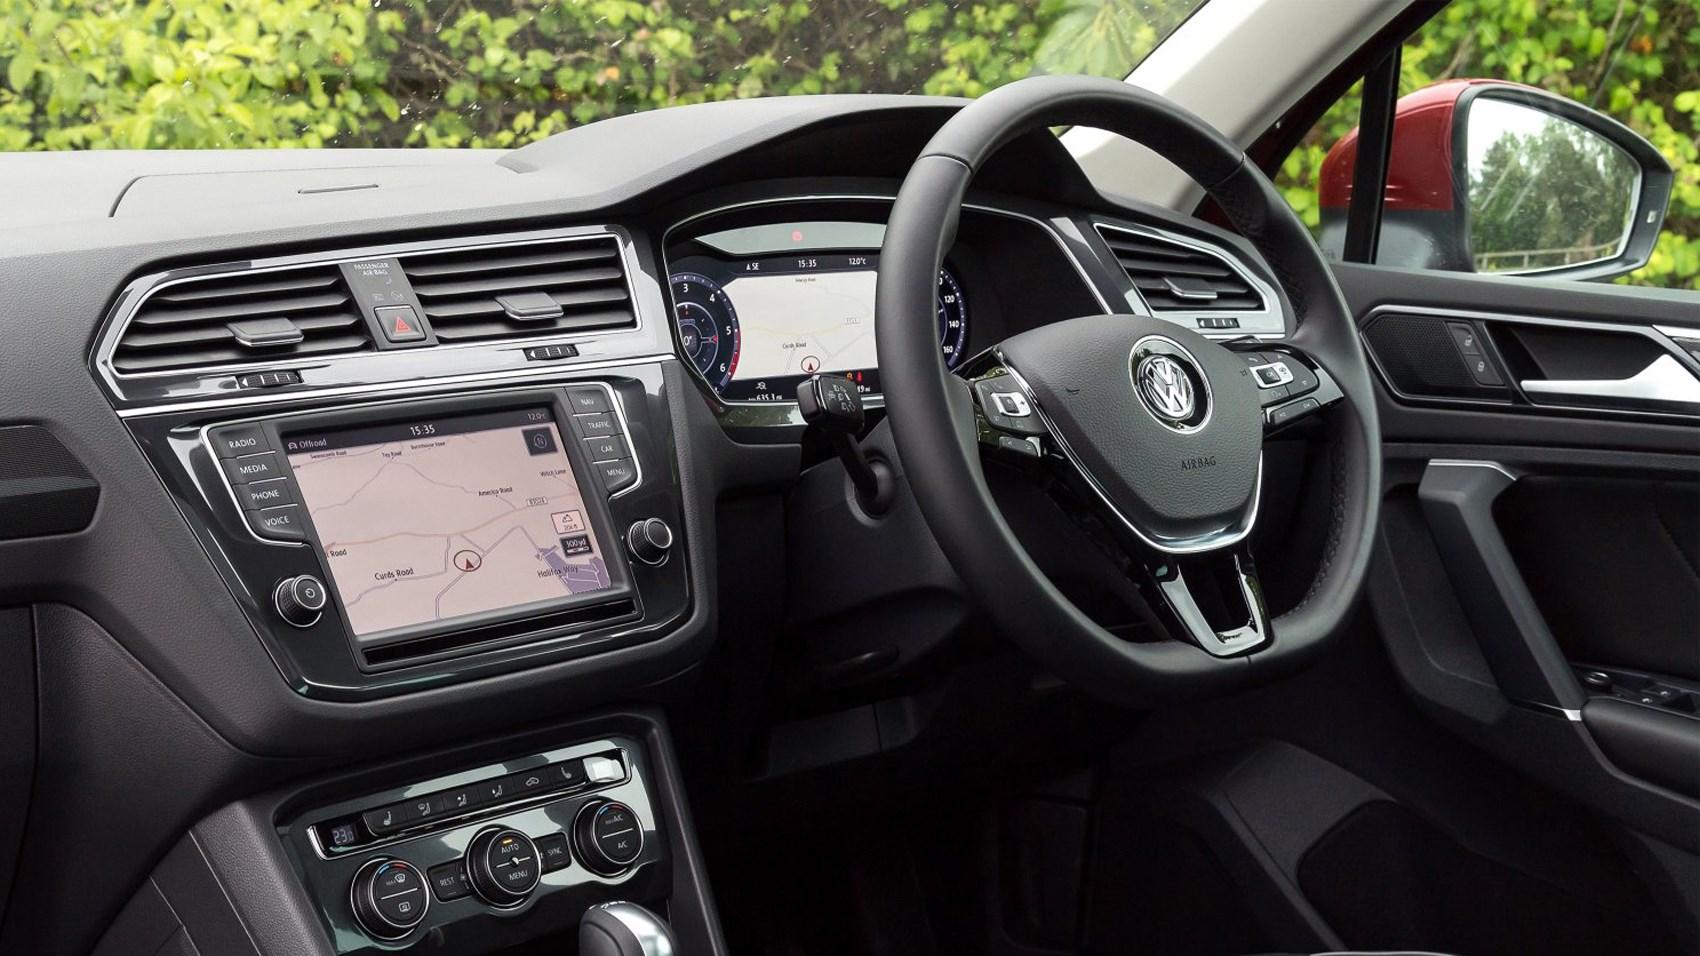 VW Tiguan 20 TDI 150 SE Nav 2wd 2016 review by CAR Magazine